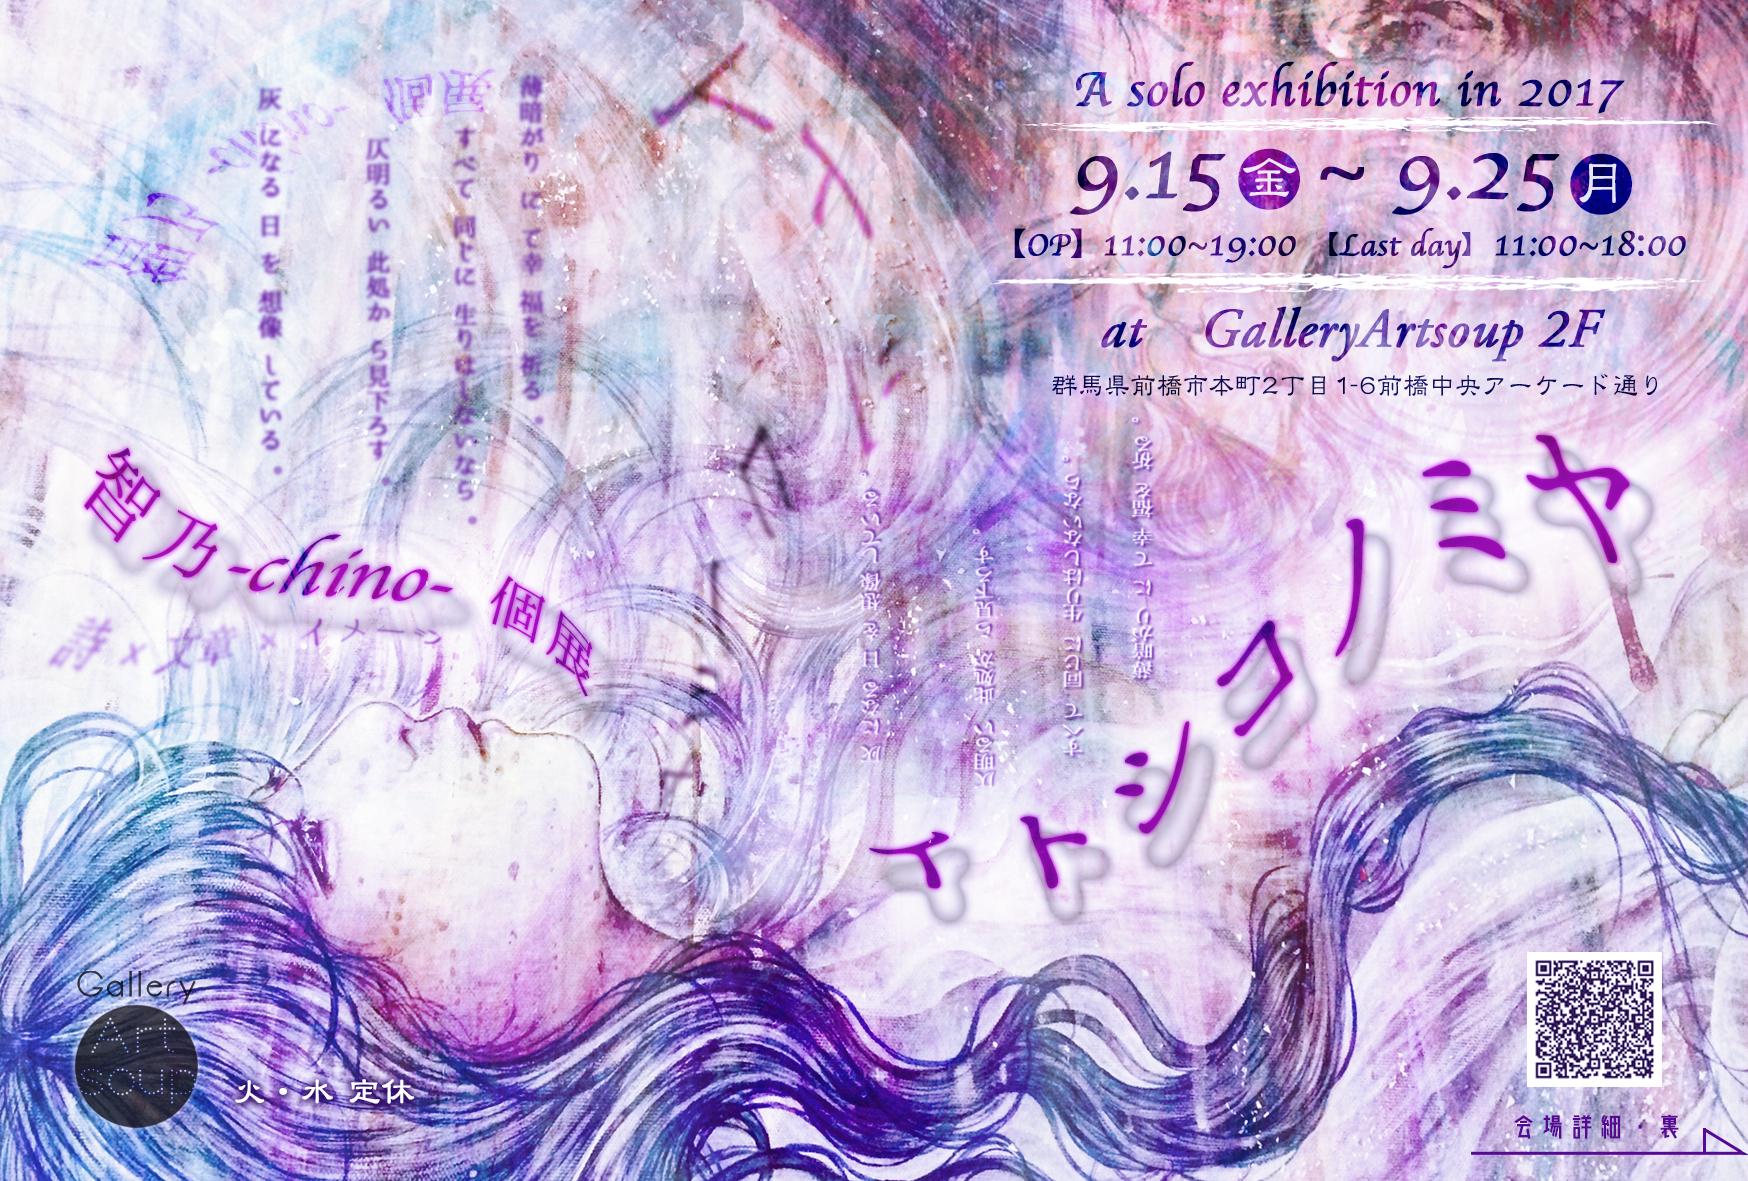 智乃 個展2「イトシコノミヤ」DM表